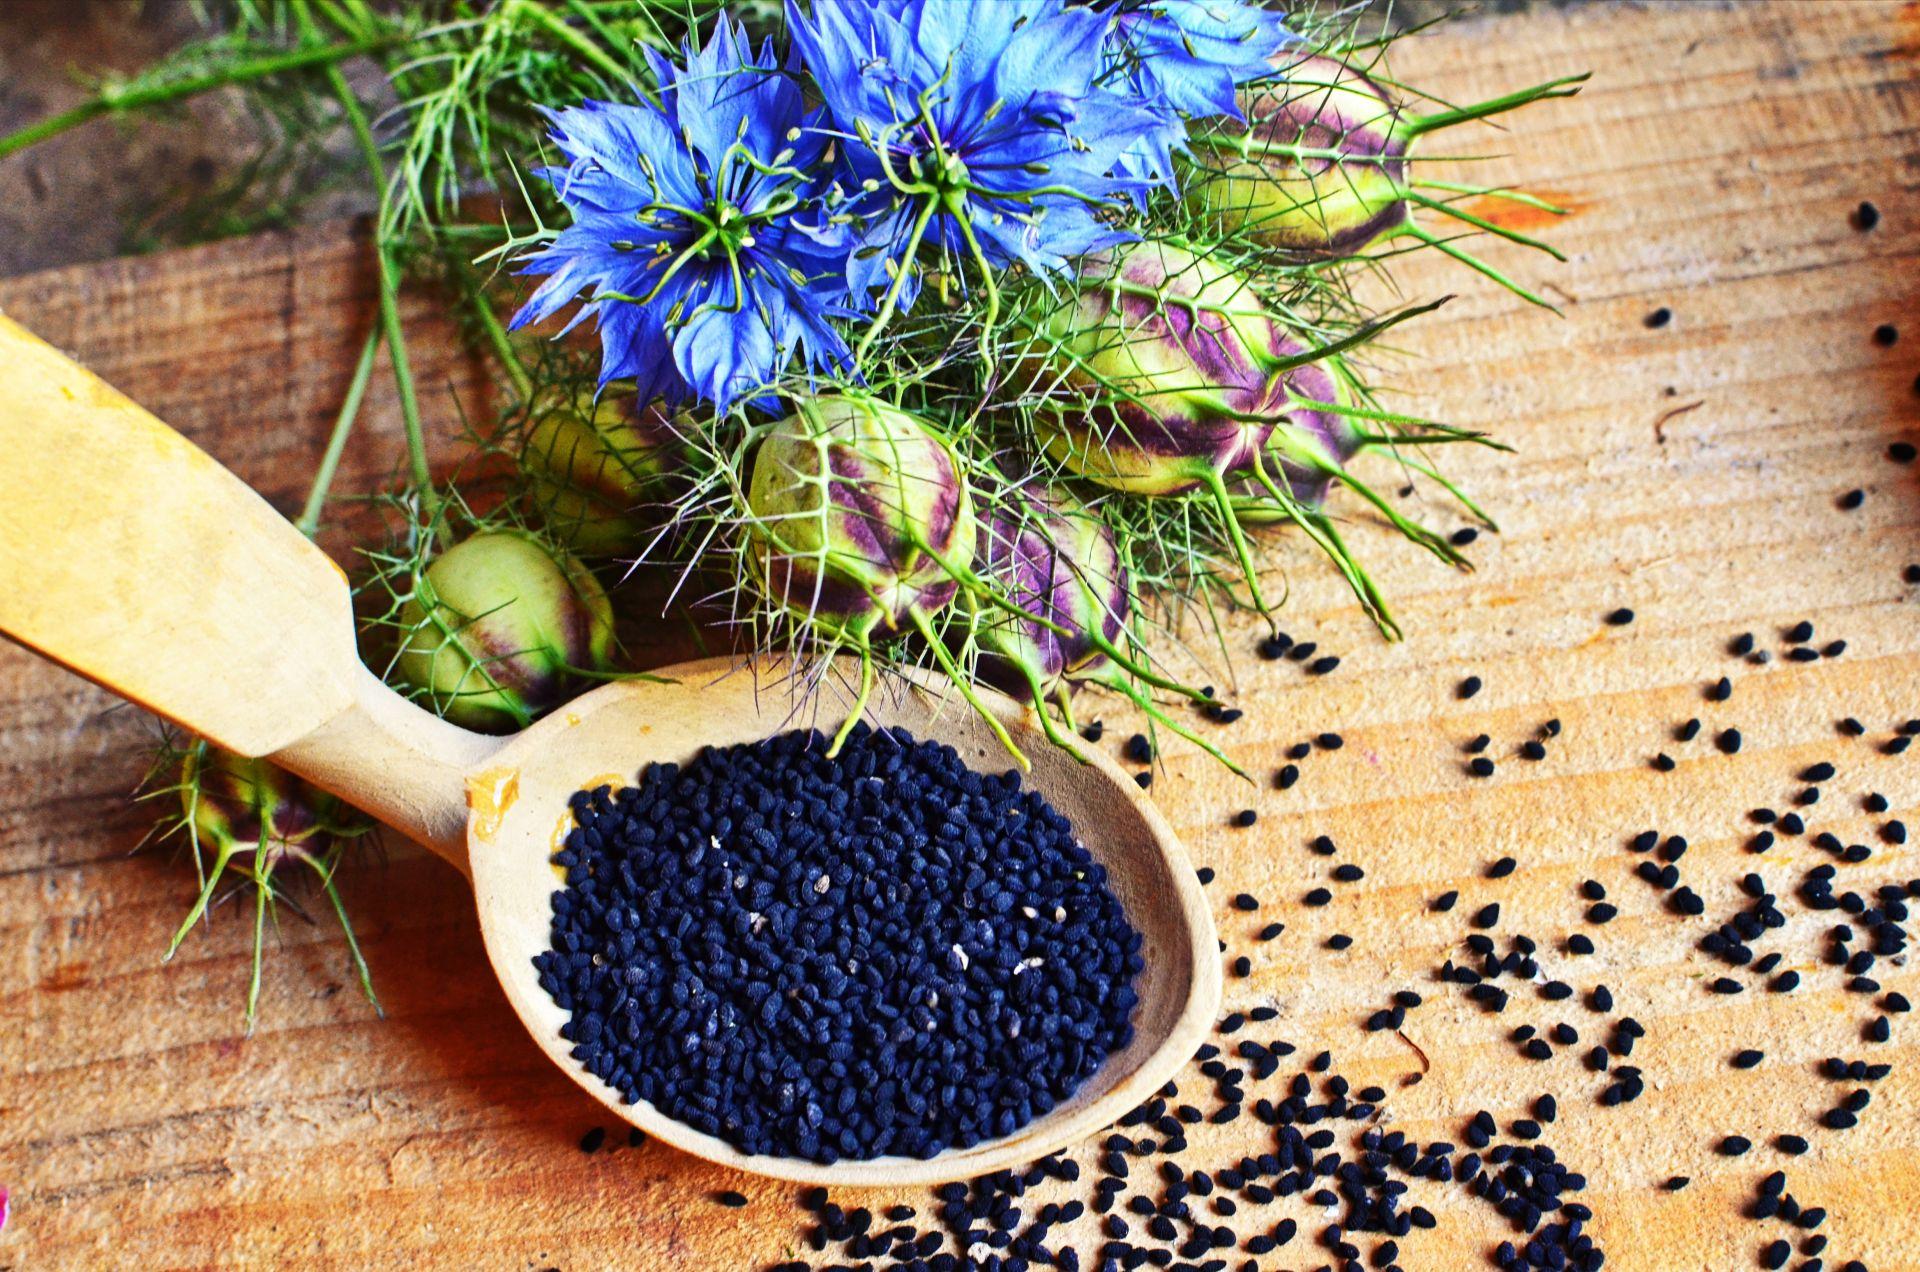 Czarnuszka - właściwości zdrowotne oleju z czarnuszki i ziaren z czarnuszki